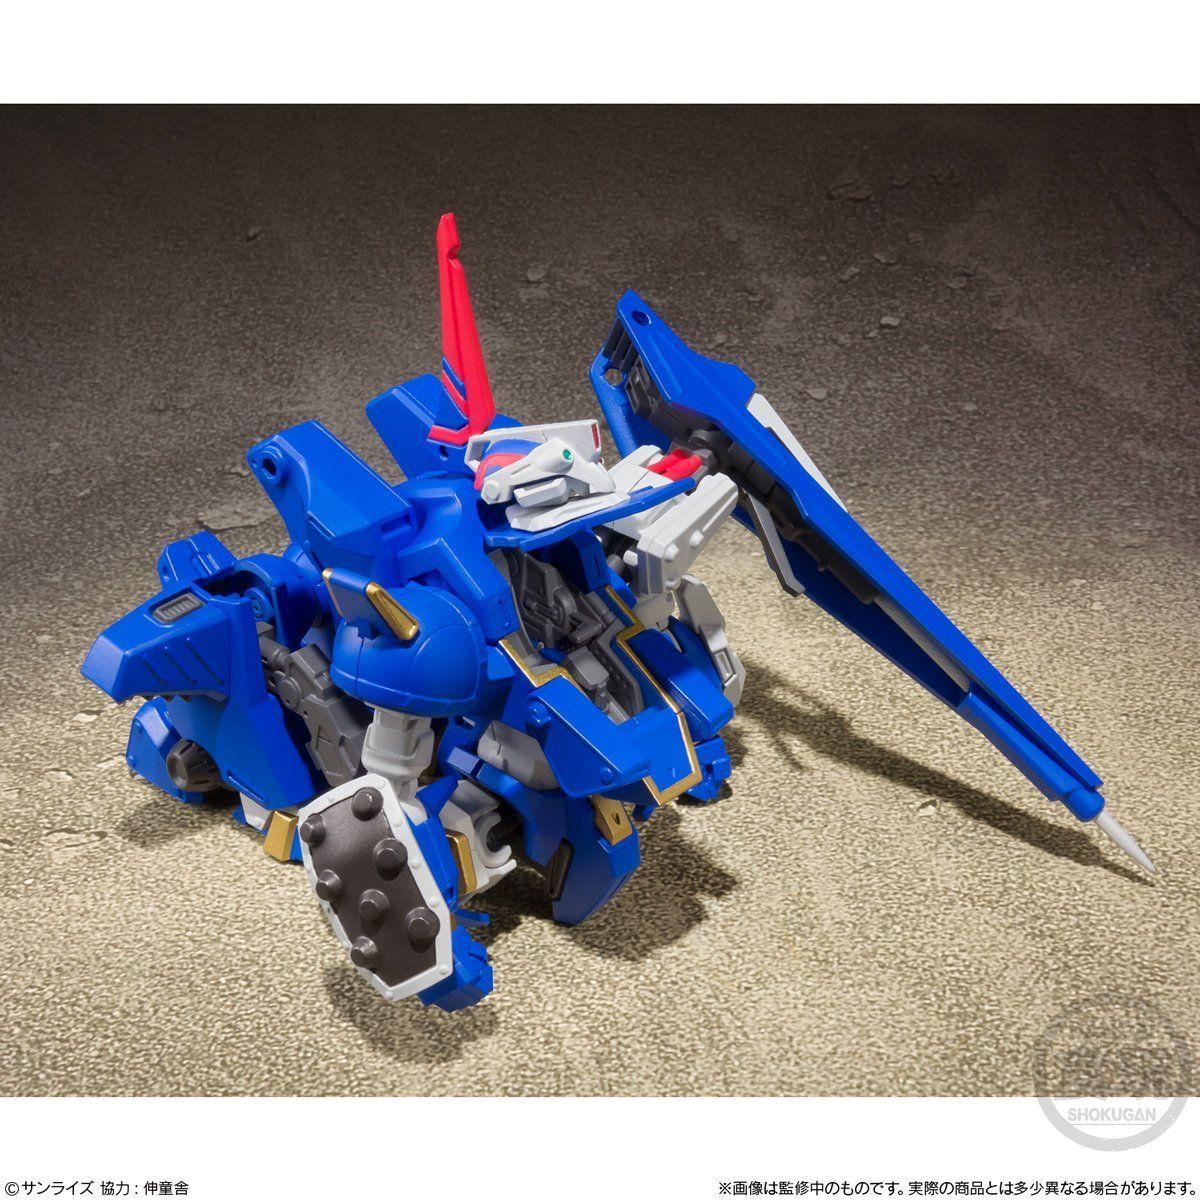 【食玩】スーパーミニプラ『青の騎士ベルゼルガ物語 Vol.3』プラモデル 3個入りBOX-008